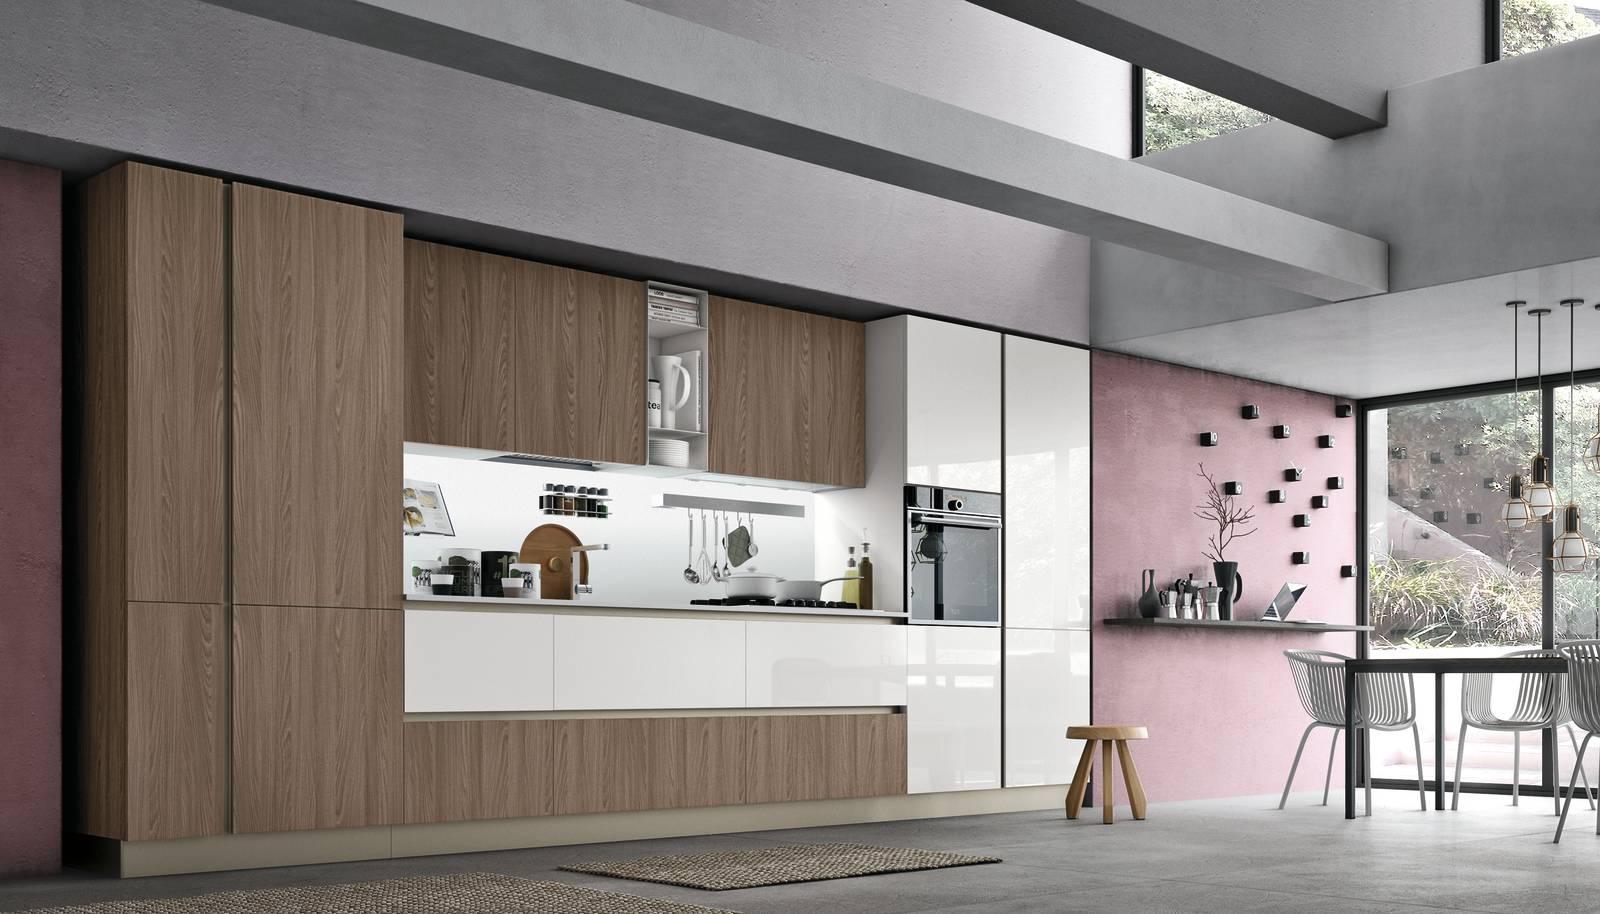 14 cucine con frigorifero incassato in una colonna ...